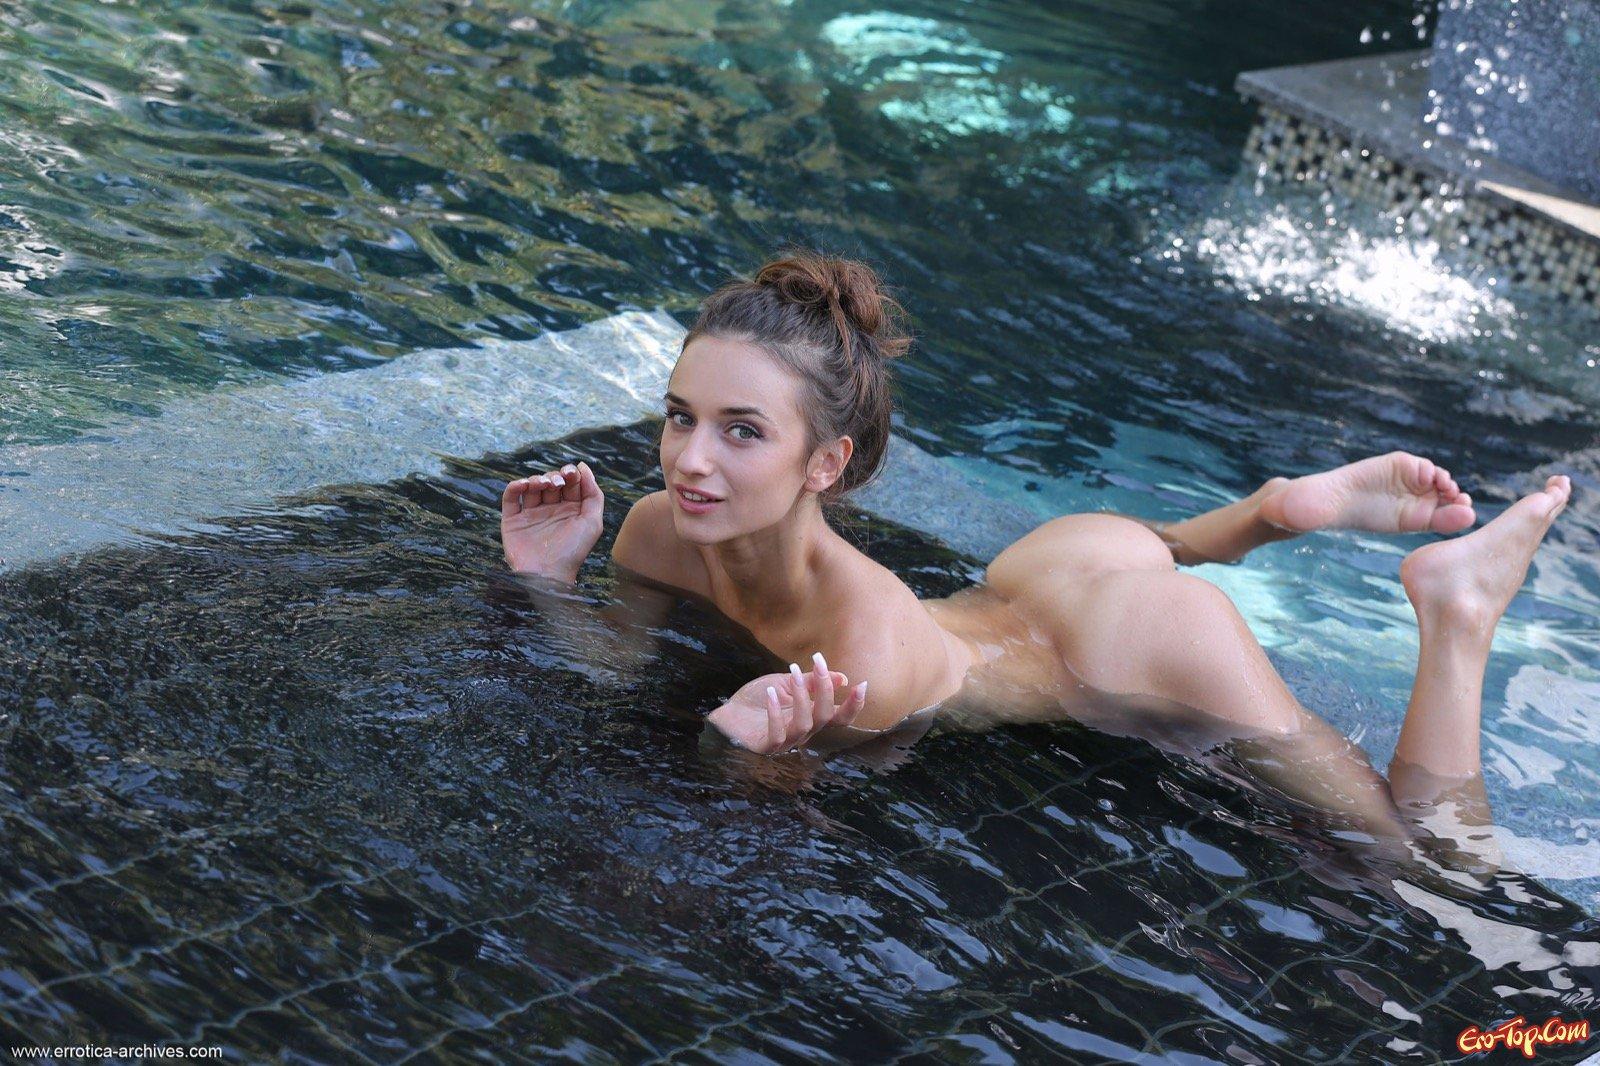 Голая девушка с плоским животиком в бассейне